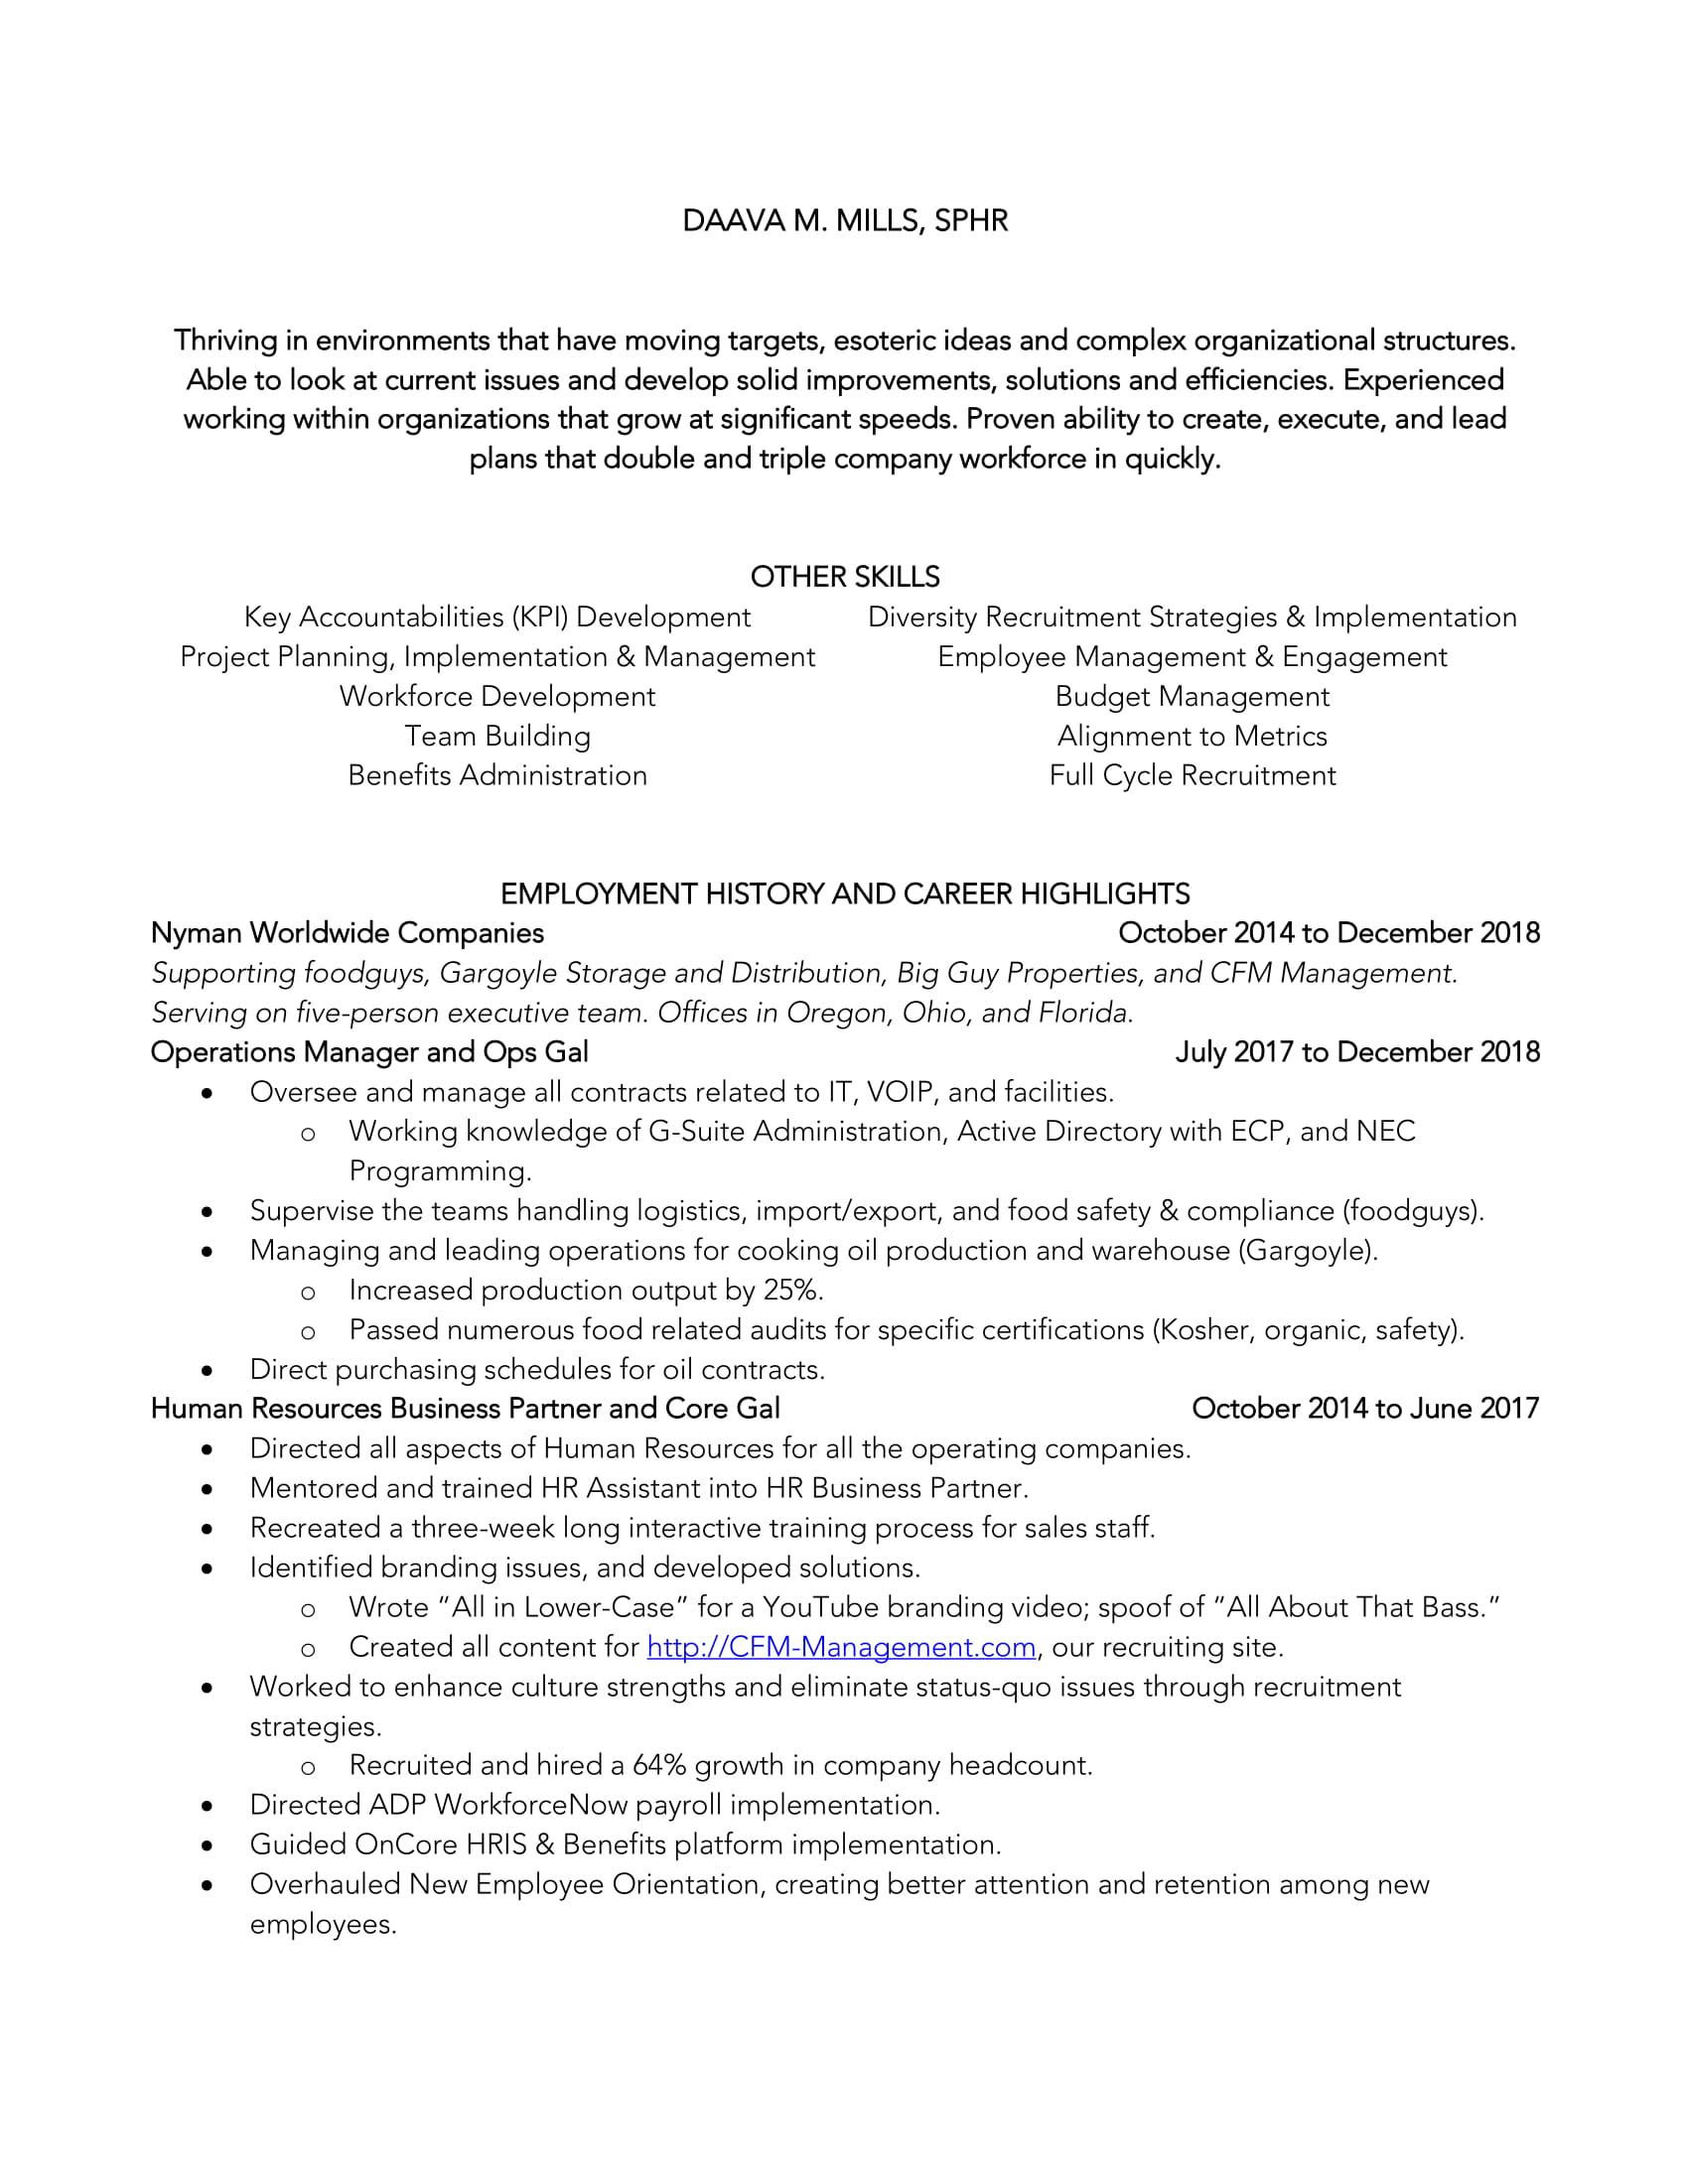 Resume for website-1.jpg